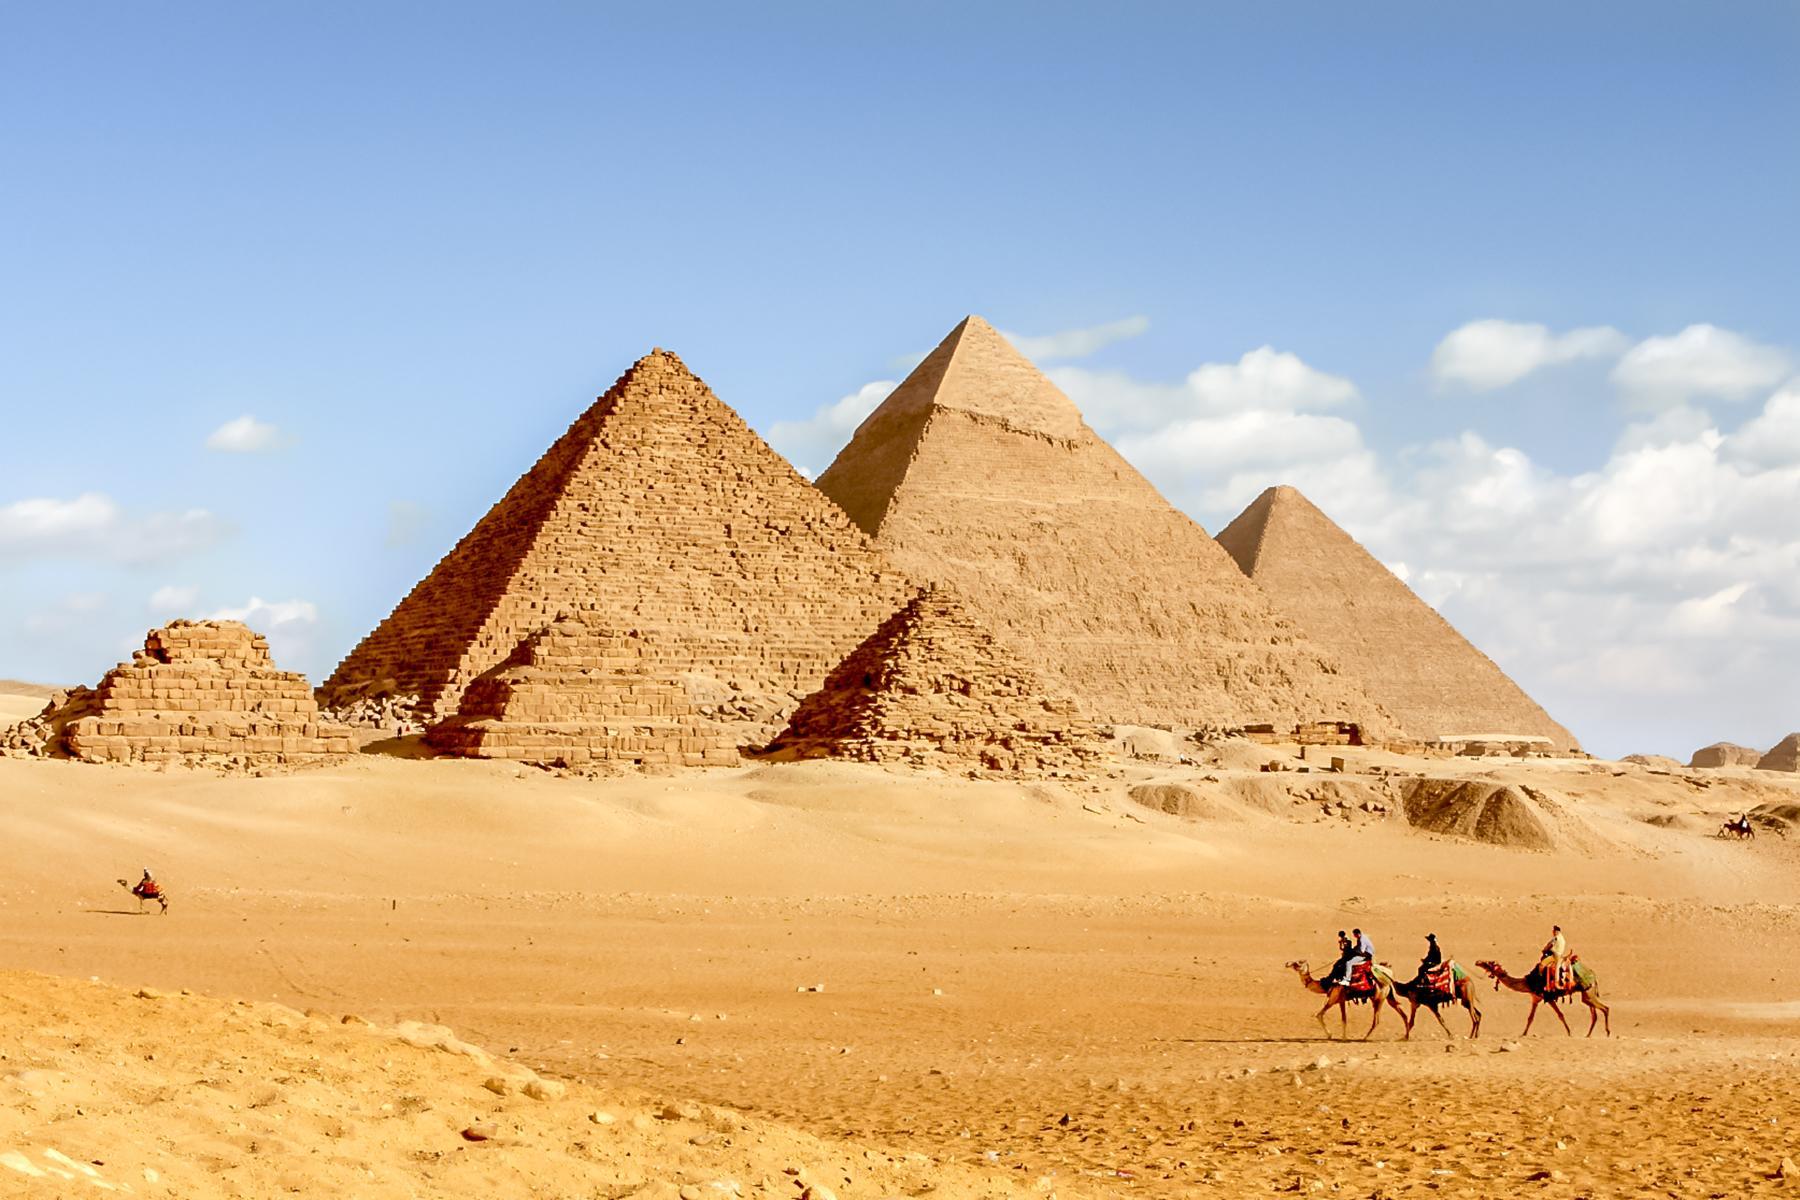 مصر تستفيد من ازدهار السياحة من خلال العروض التجريبية